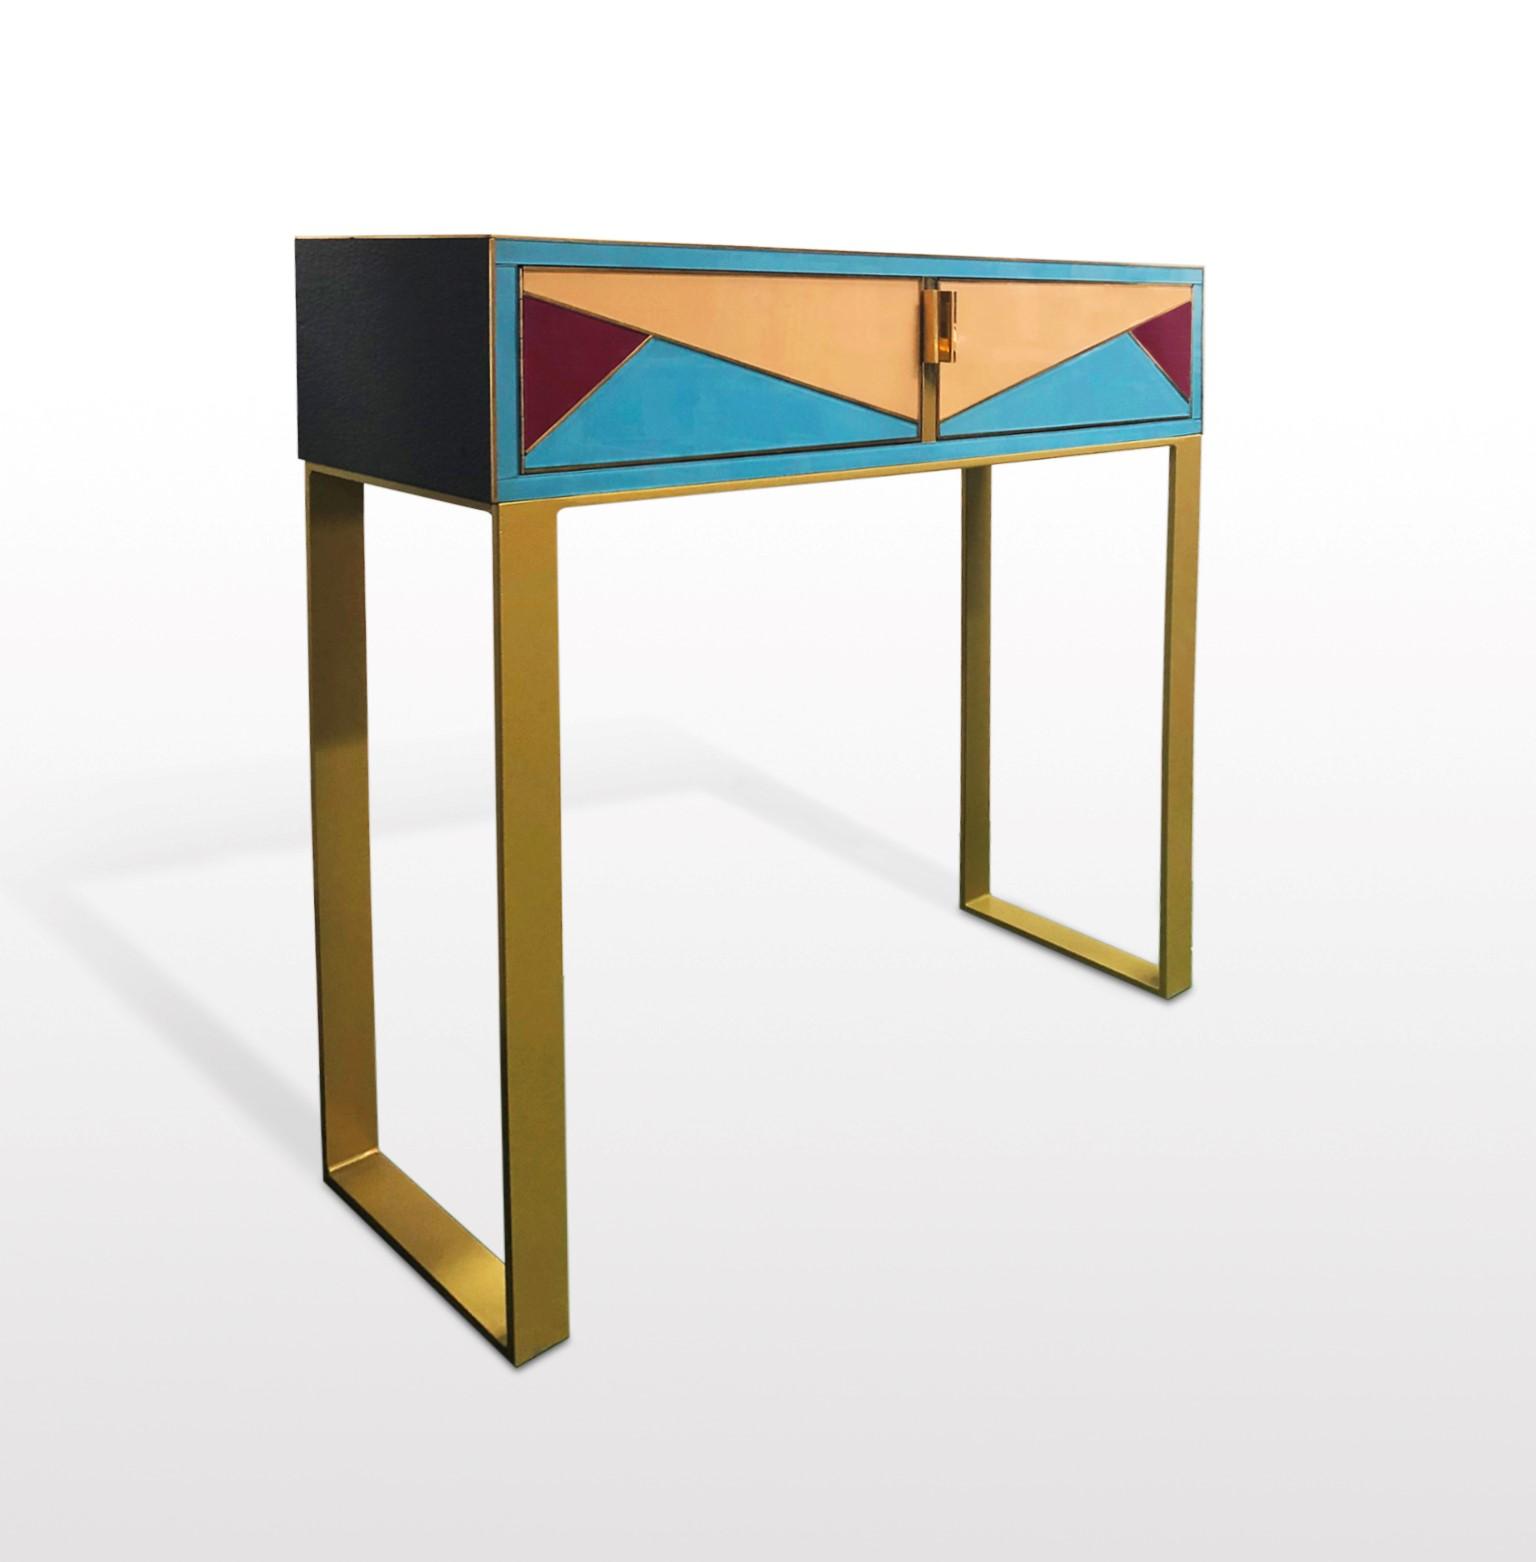 Consola de cristal y latón. Muebles con cristal, Muebles a medida madrid, Diseño de muebles modernos, Diseño de muebles a medida, Venta de muebles online.